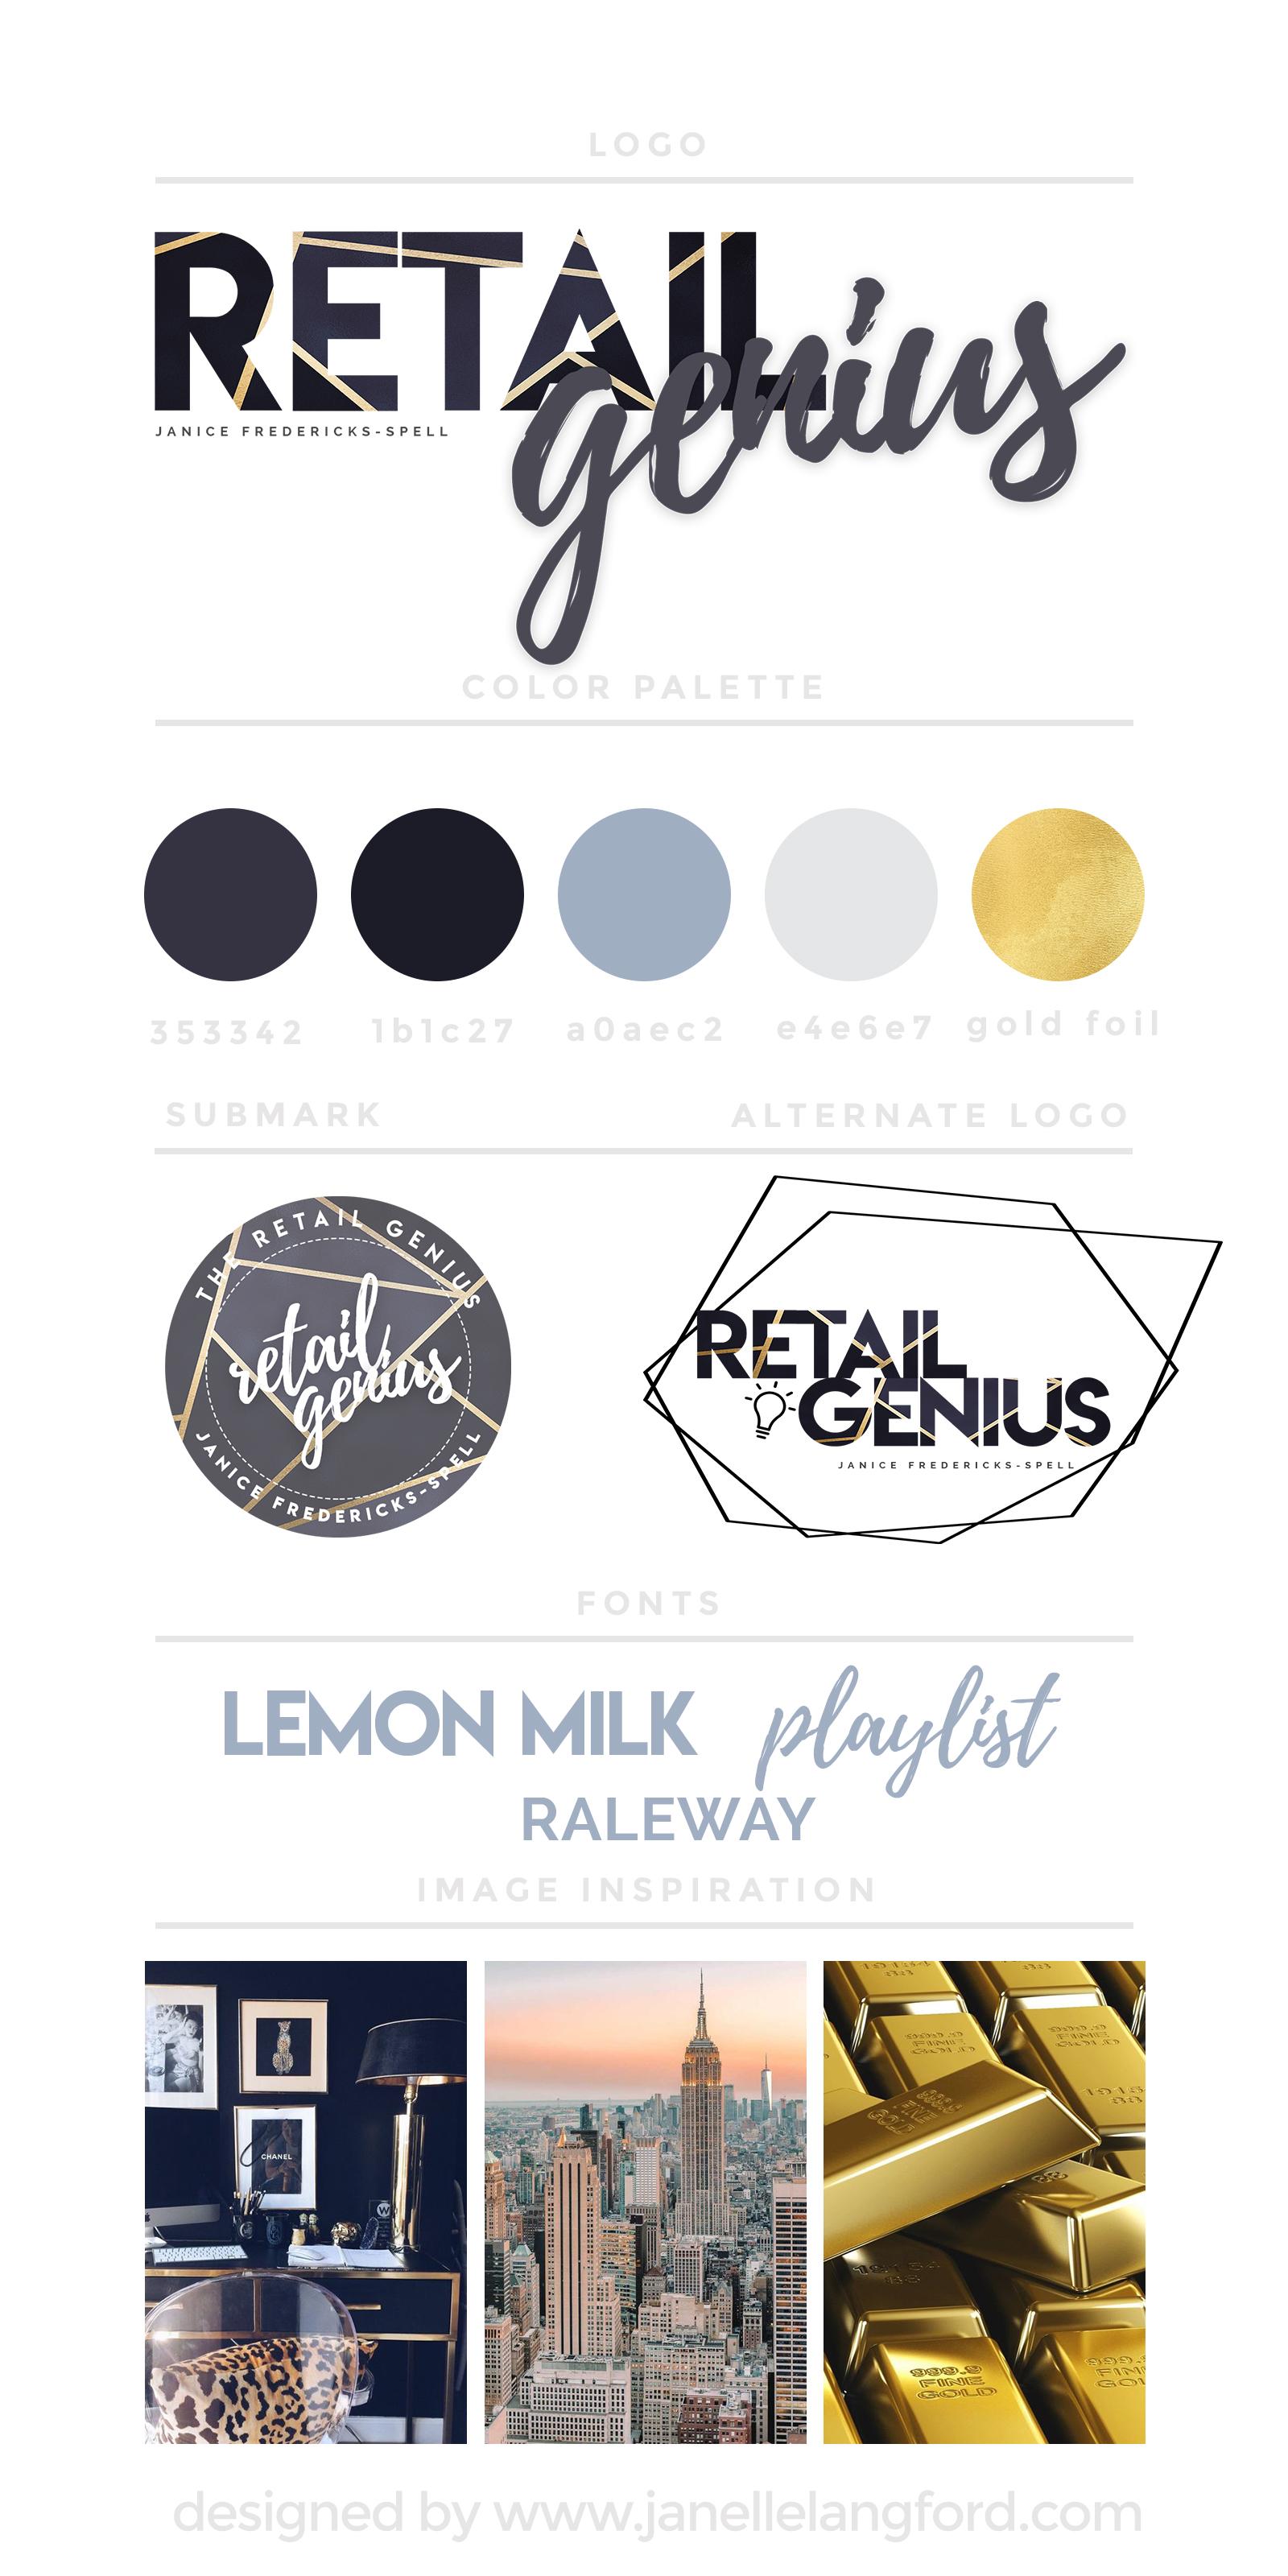 retail genius branding board.jpg